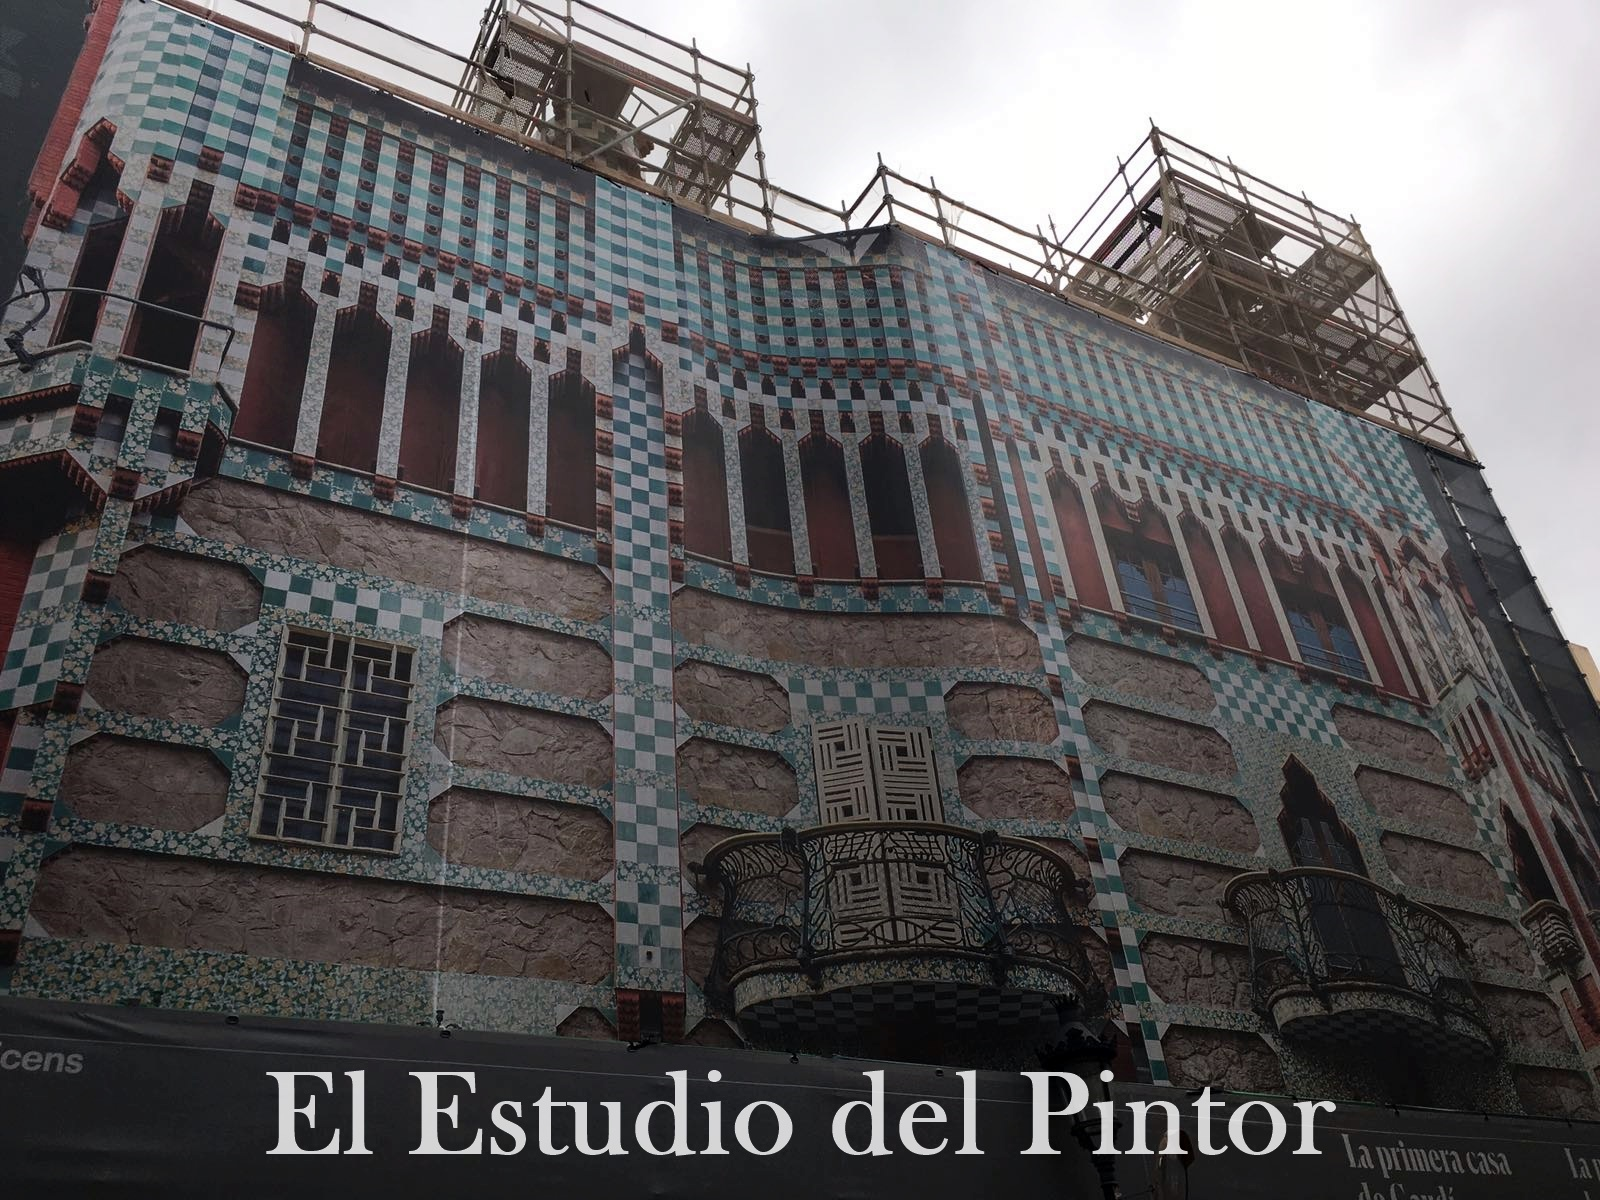 3. Casa Vincens, Gaudí